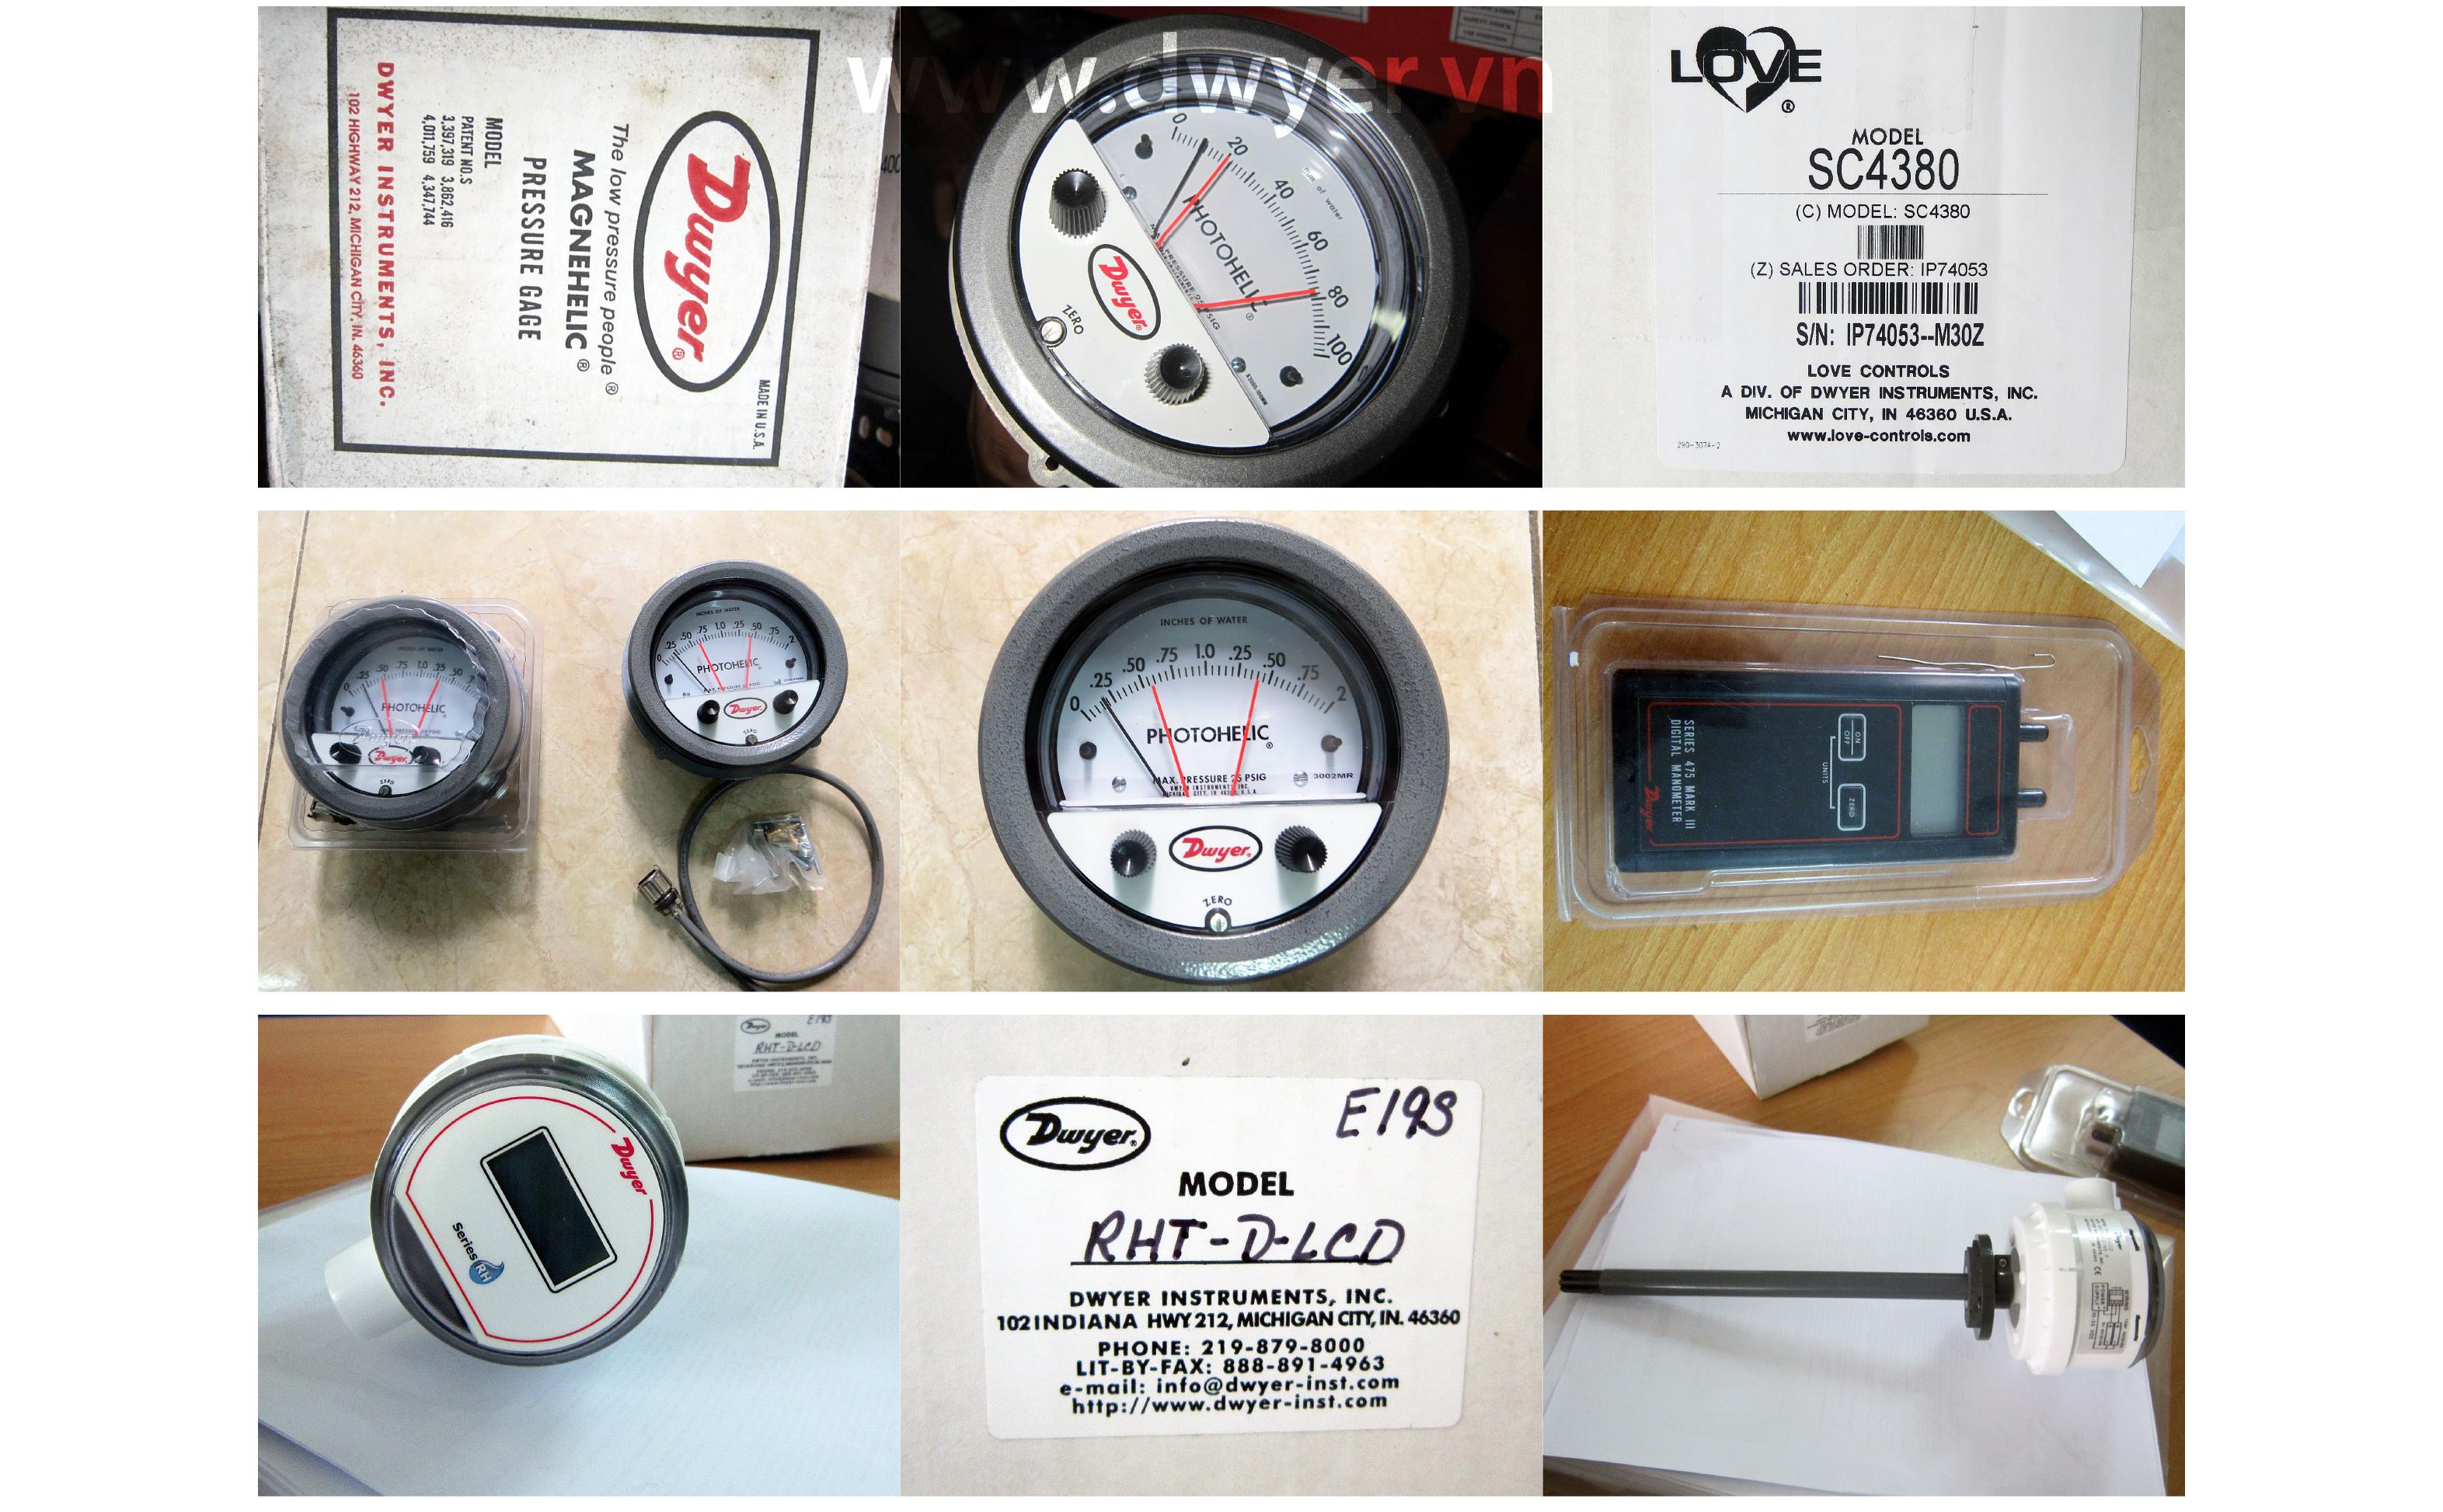 http://emro.com.vn/pic/Product/dong-ho-do-chenh-ap-khong-khi-Dwyer-EMRO-8411.jpg